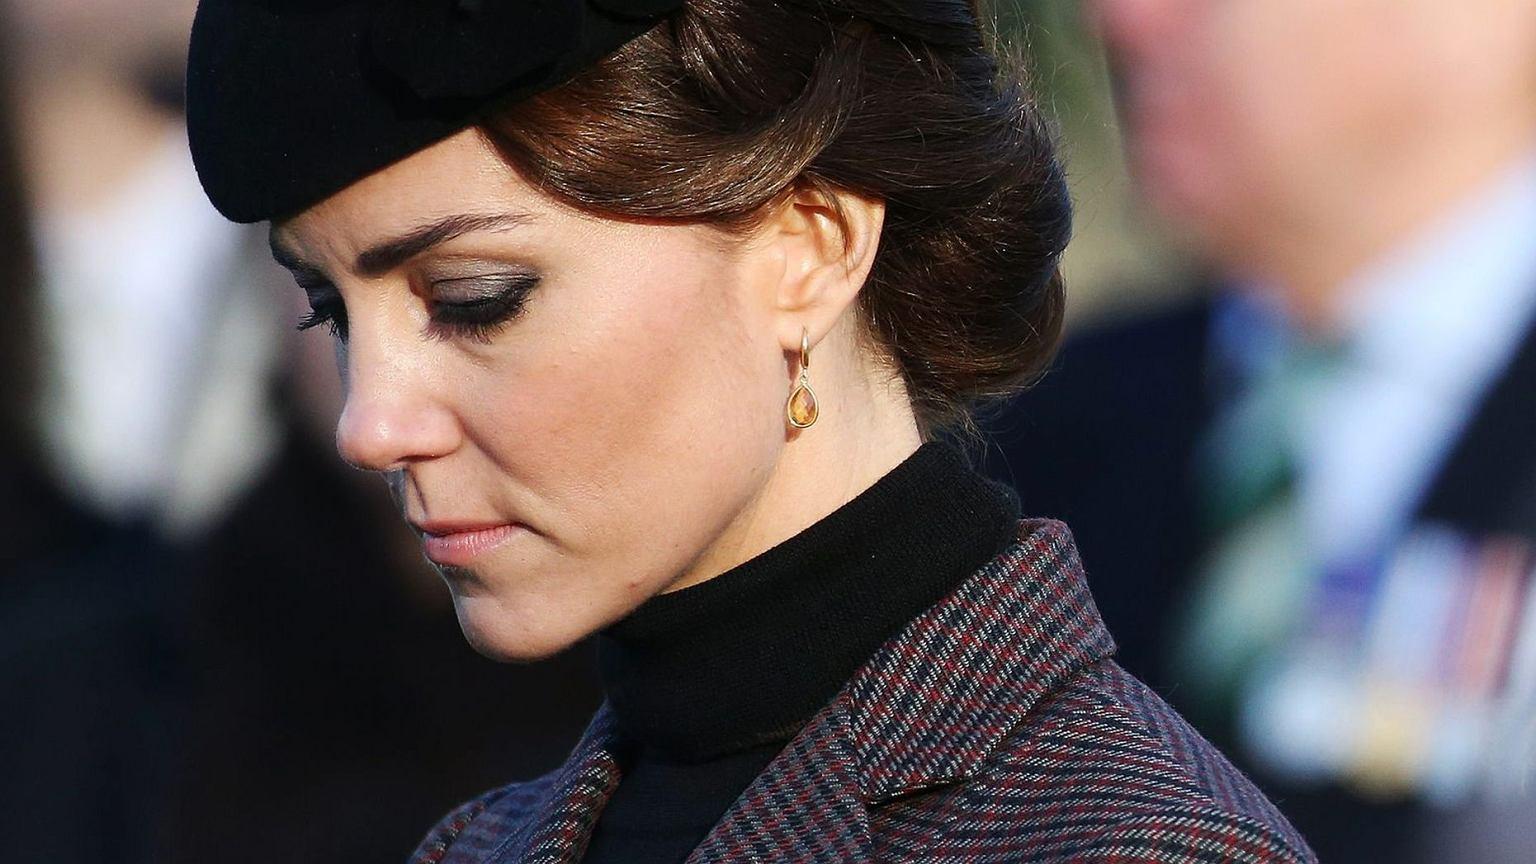 Księżna Kate Ze Smoky Eyes I W Związanych Włosach